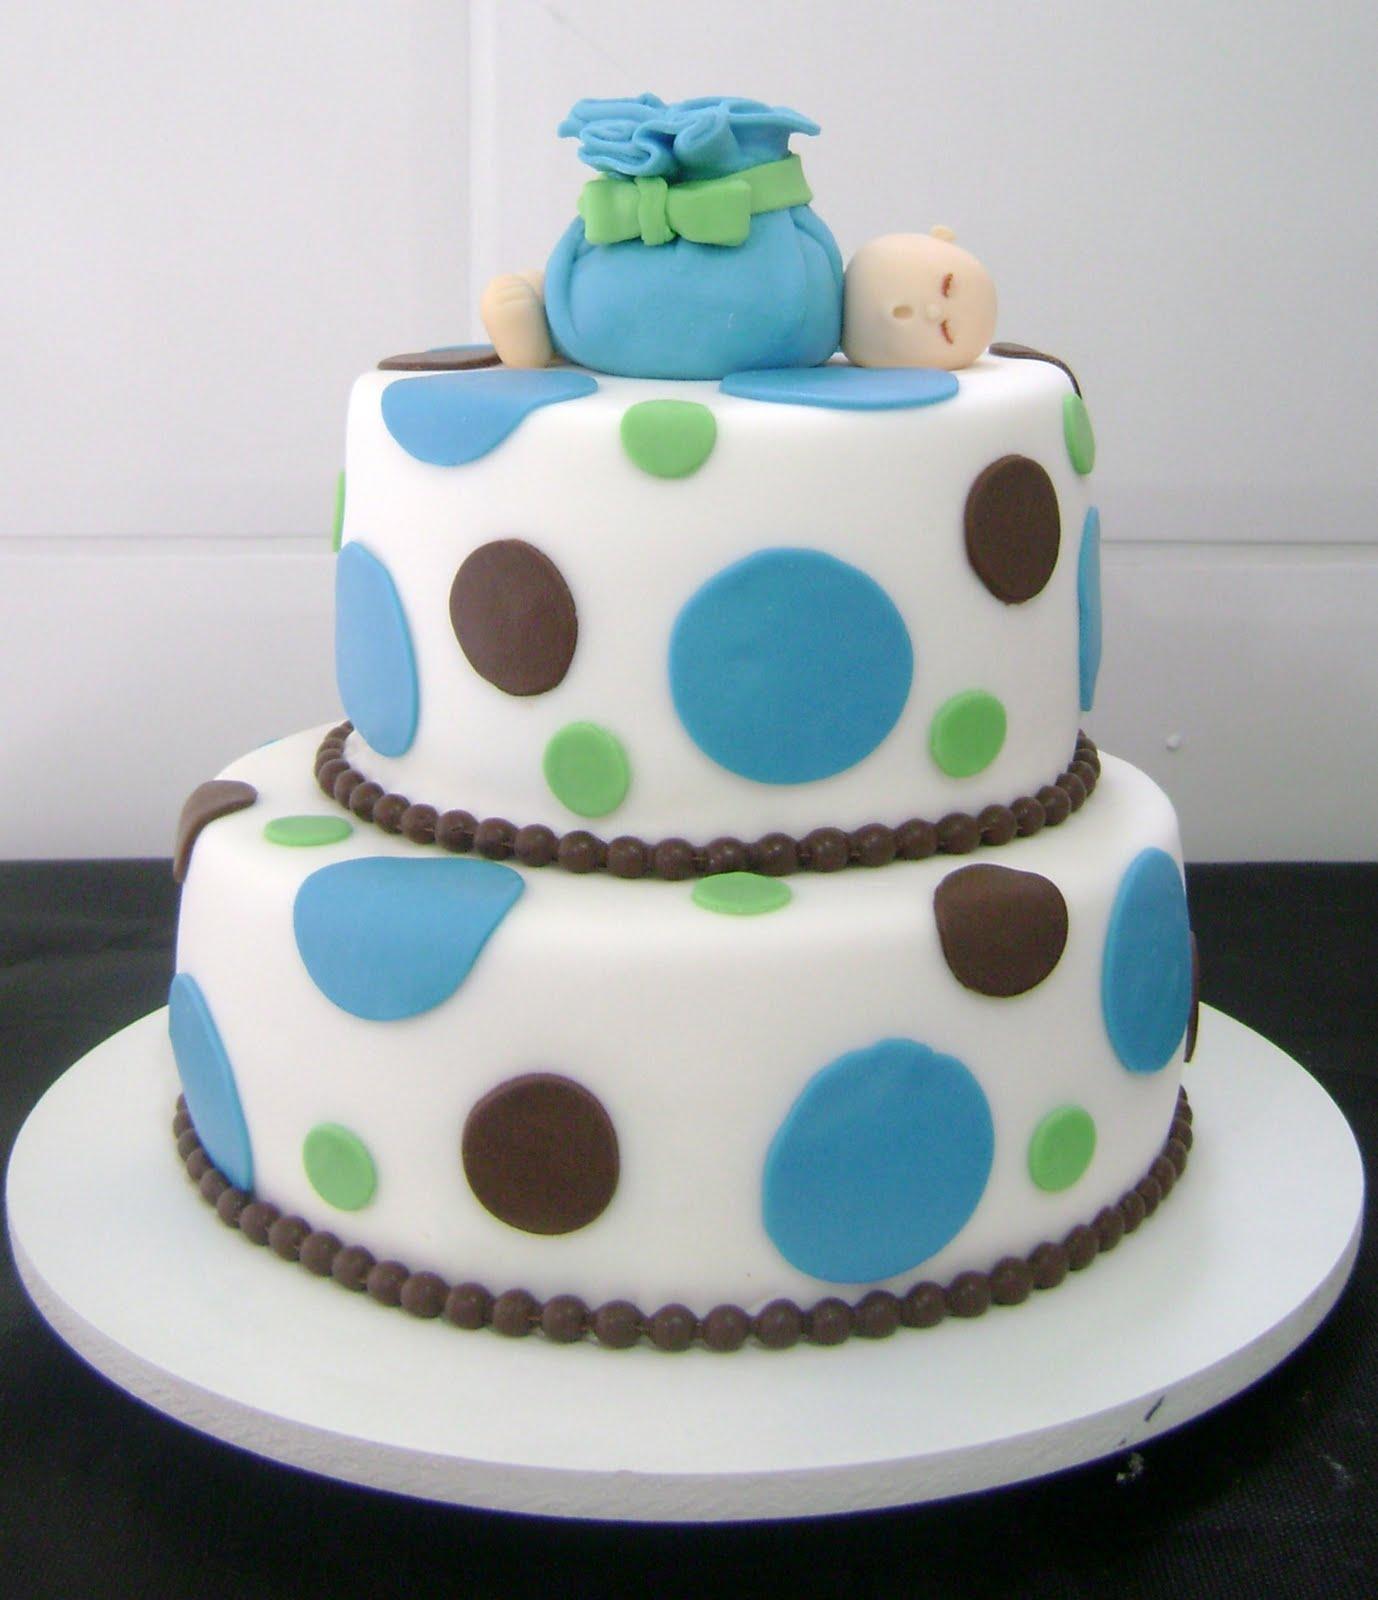 Michelle Lecce Bolos Doces e Chocolates: Bolo Chá de Bebê #31749A 1378 1600